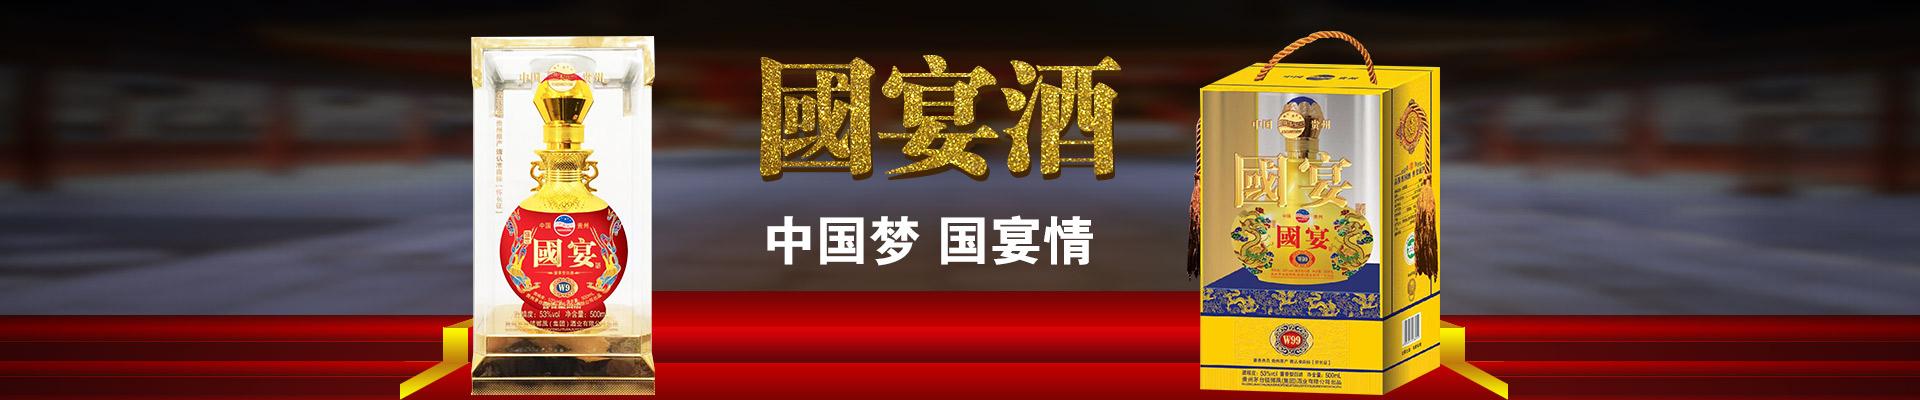 贵州乡风酒业匠心传奇酒全国招商